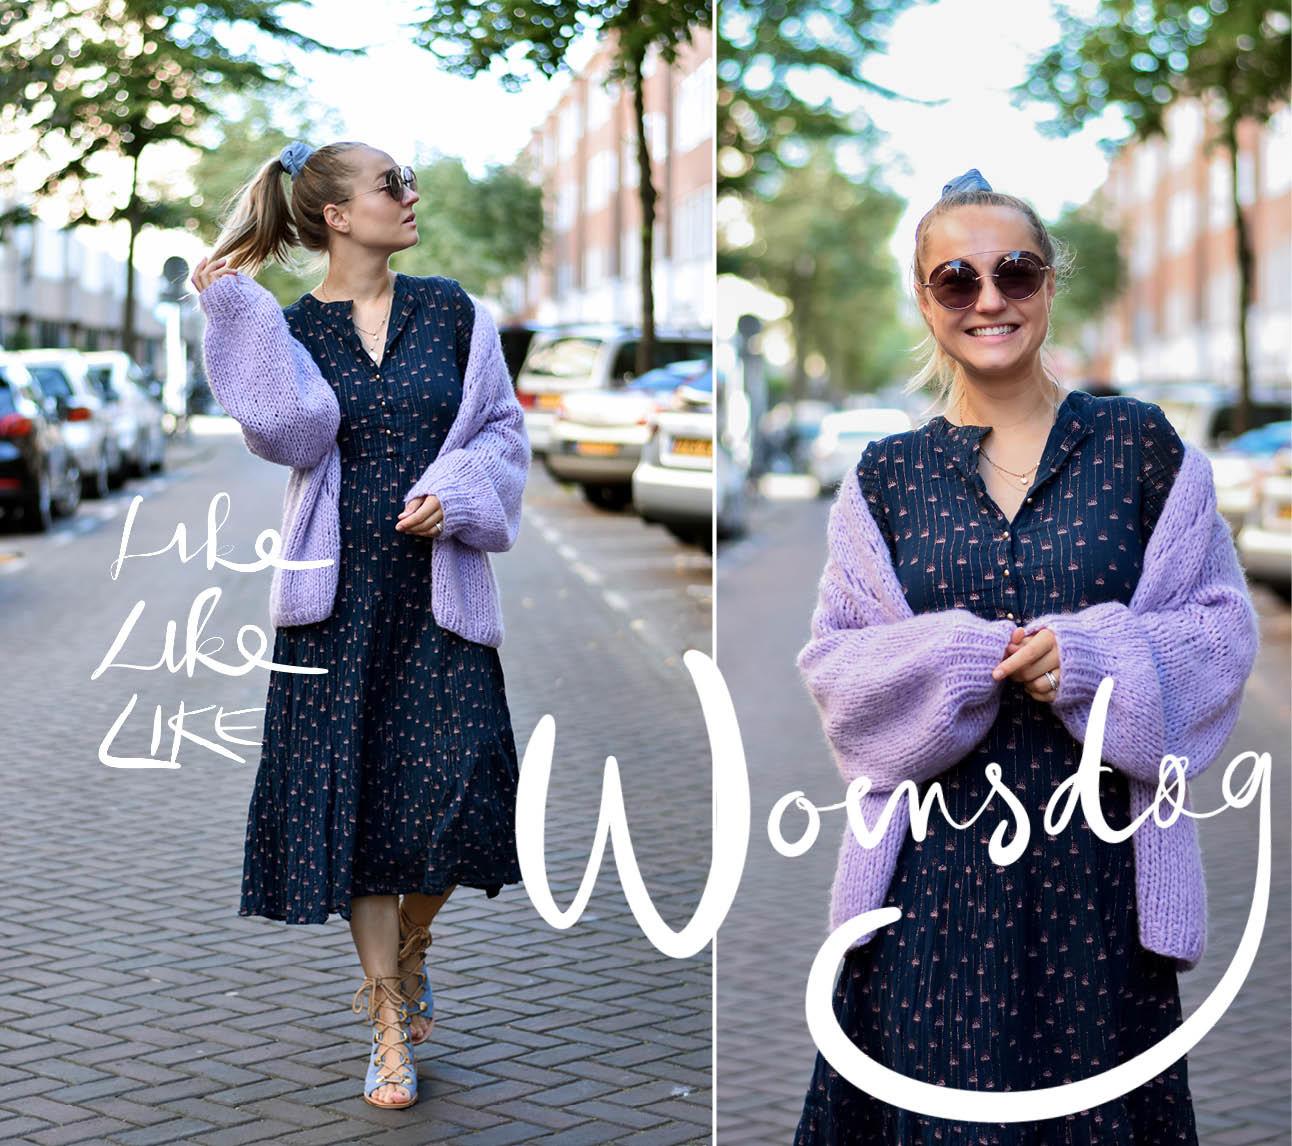 Carolien spoor lachend met zonnebril en jurk met vest aan op straat